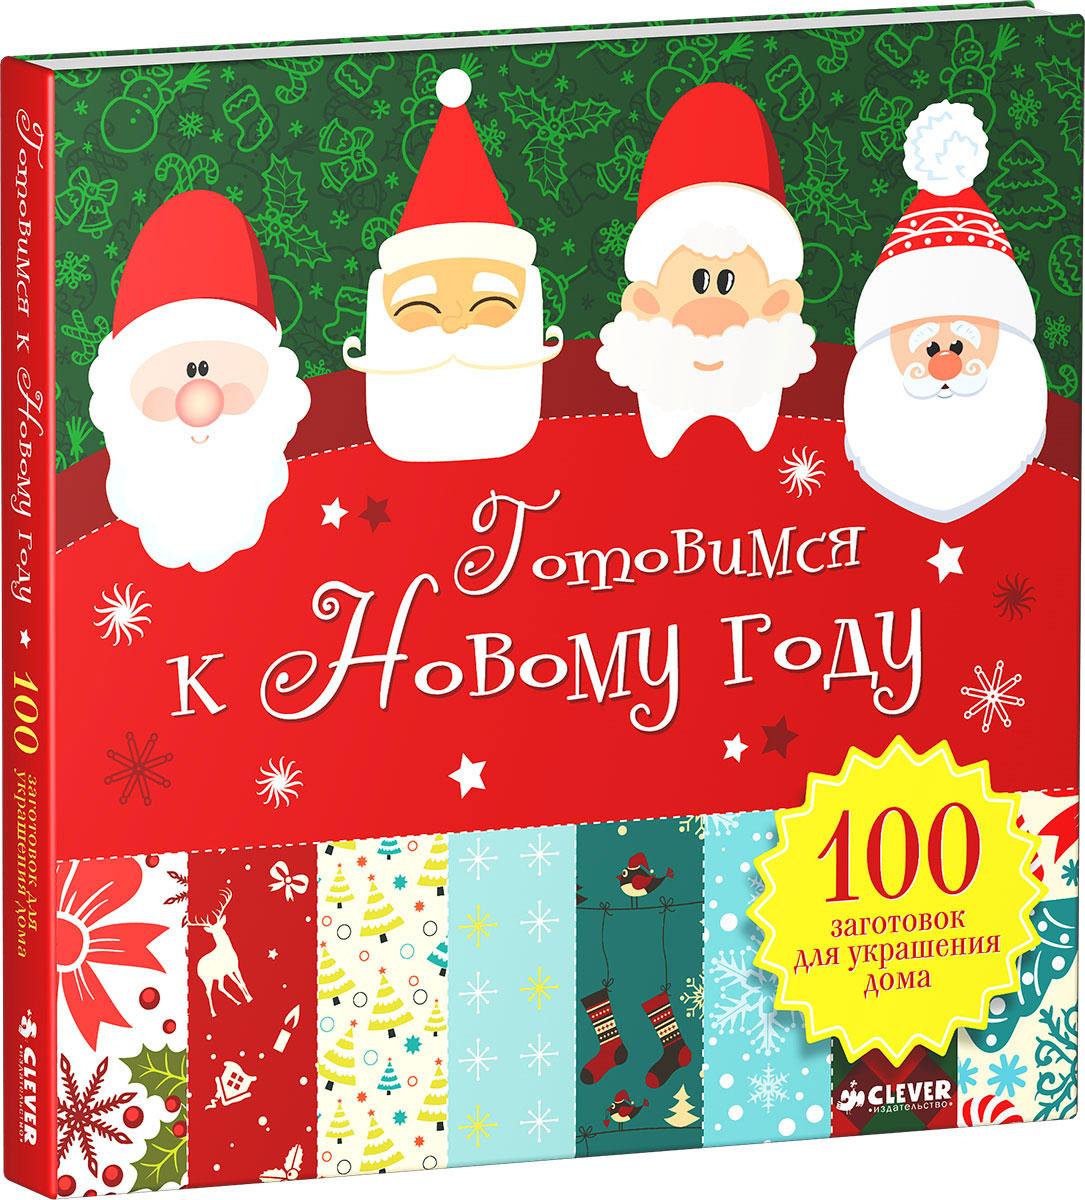 Готовимся к Новому году. 100 заготовок для украшения дома12296407Что вас ждет под обложкой: Набор бумаги для творчества с сотней заготовок и выкроек для украшений на Новый год и Рождество. С помощью этой уникальной книжки вы сможете легко и быстро сделать разнообразные гирлянды, звезды, шары и игрушки для украшения дома. Изюминки книги: В книге вы найдете выкройки: - гирлянды восьмерки; - объемной звездочки; - снежной гирлянды из объемных снежинок; - шара шашечки. Каждая страница - это двусторонний патерн стилизованный под Новый год и Рождество Четкие пошаговые инструкции и пунктирные линии поделок на страницах помогут правильно изготовить ваши поделки. Вам понадобятся только ножницы, скотч и ваша фантазия! Идеи: Не ограничивайтесь выкройками! Используйте полоски, квадраты, ленты для украшения бумажных пакетов, конвертов, коробочек, свертков, кульков просто завернутых в крафт-бумагу. Творите и экспериментируйте!